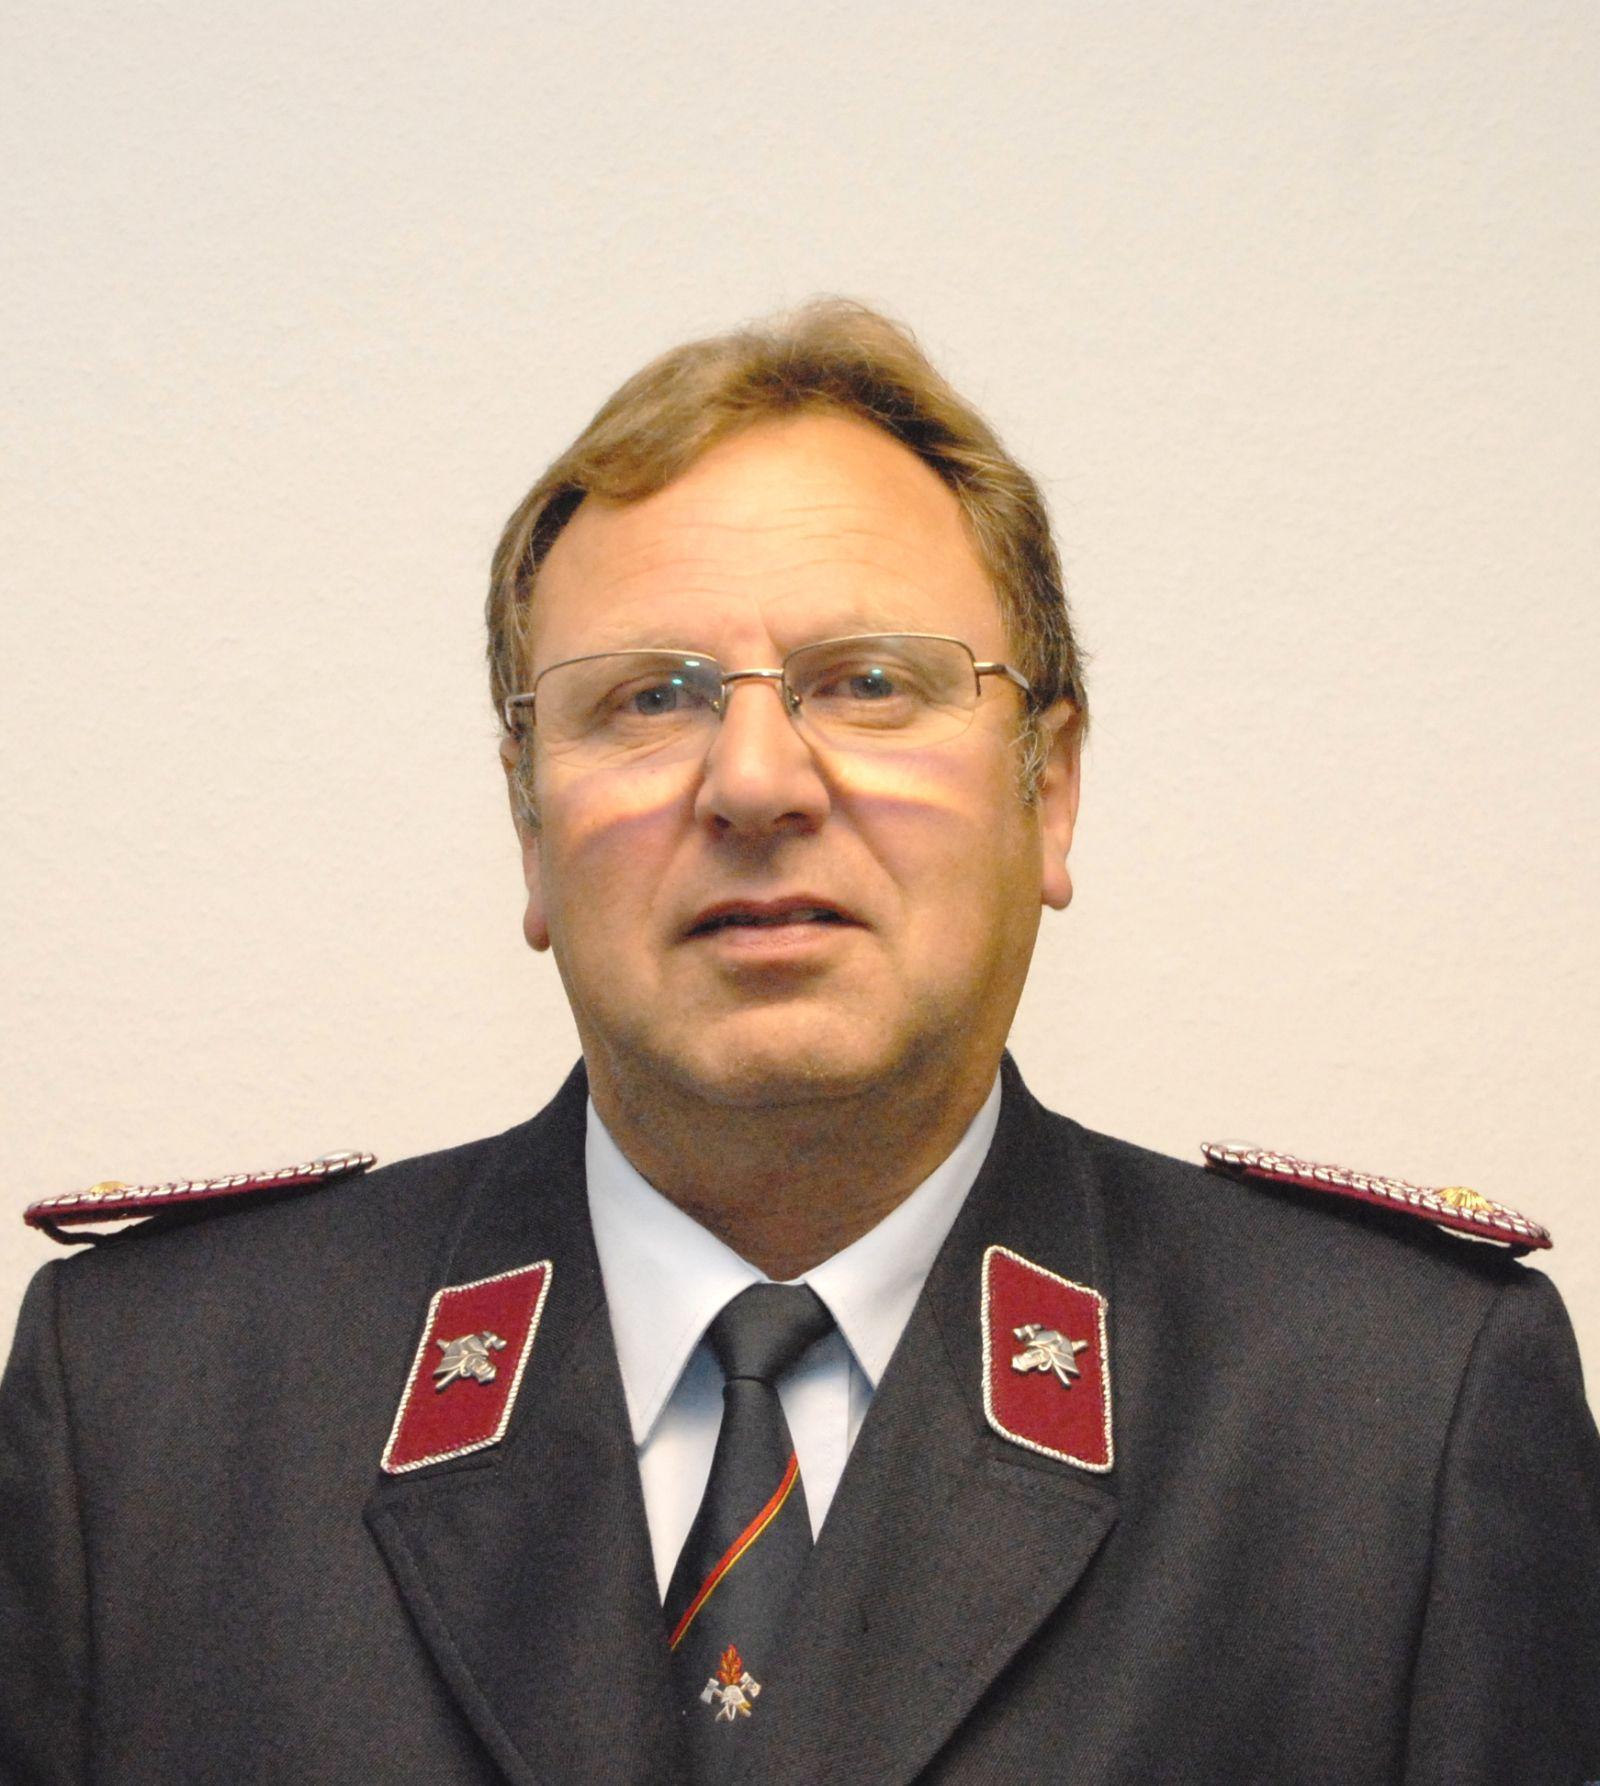 Freiwillige Feuerwehr 1